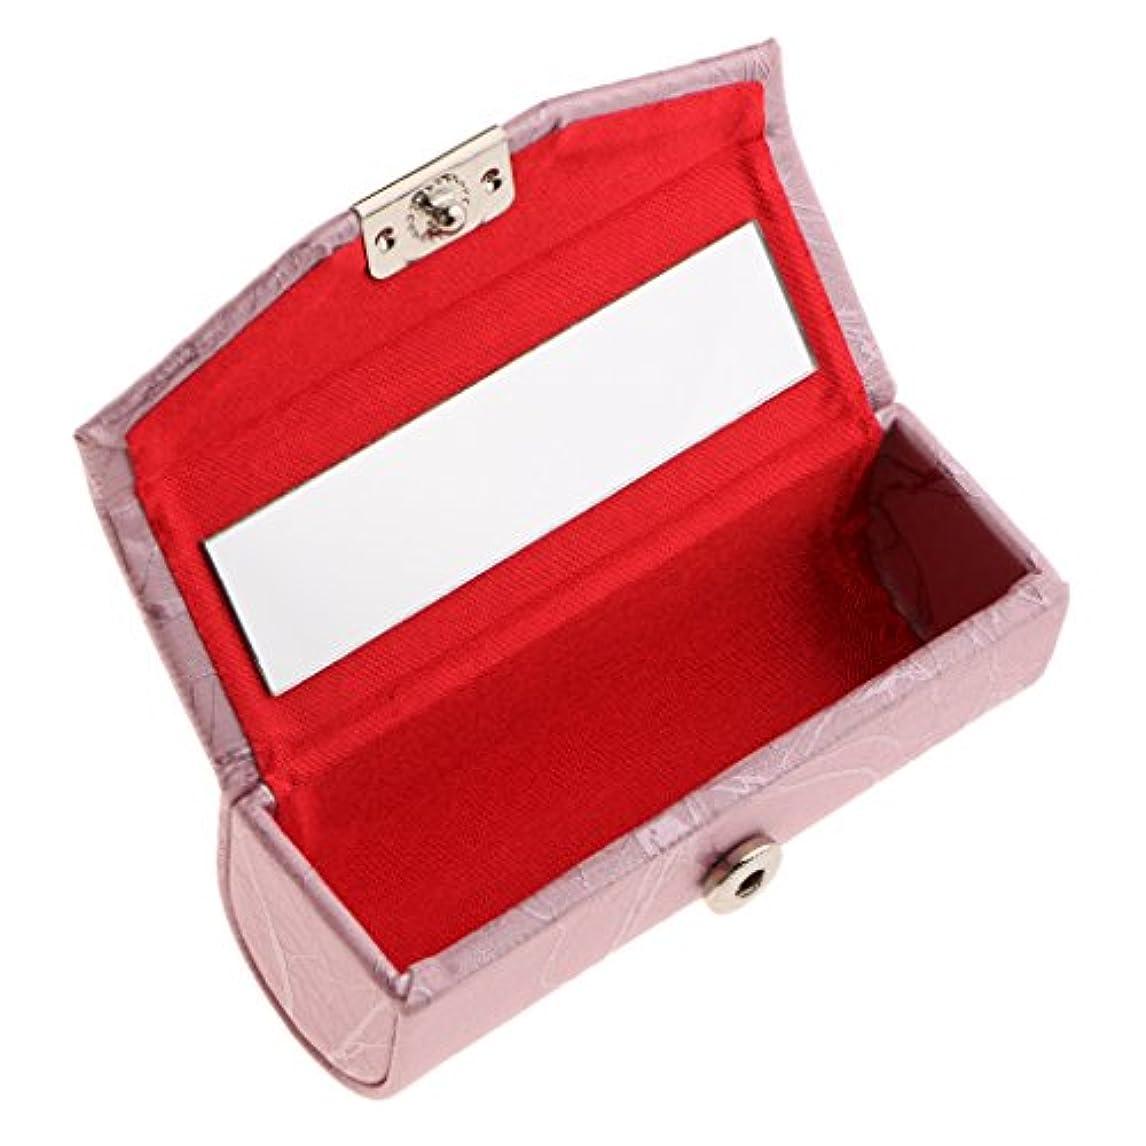 小間系統的メキシコリップスティックケース ミラー付き レザー リップスティック リップグロスケース 収納ボックス メイクホルダー 多色選べる - ピンク, 説明したように